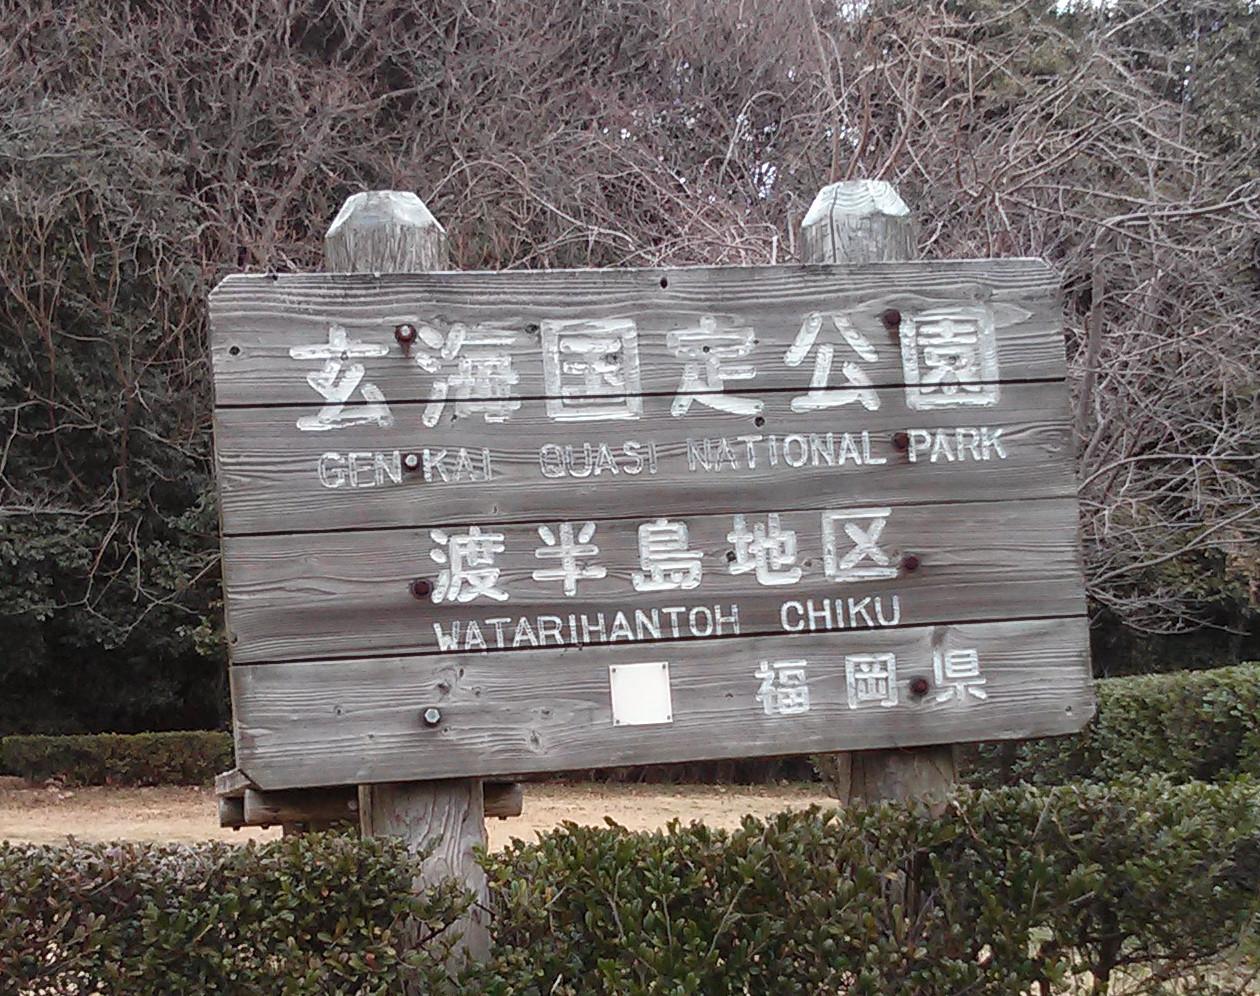 Genkai Quasi National Park